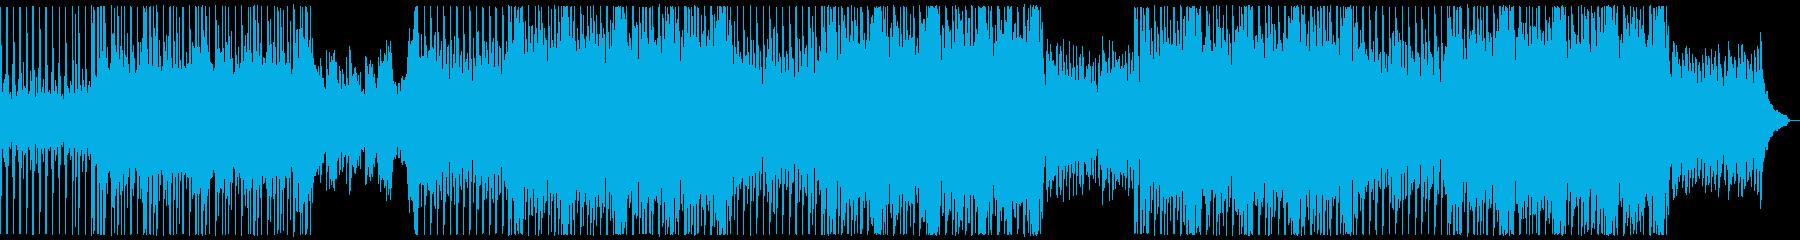 【ベース抜き】爽やかでおしとやかなうき…の再生済みの波形